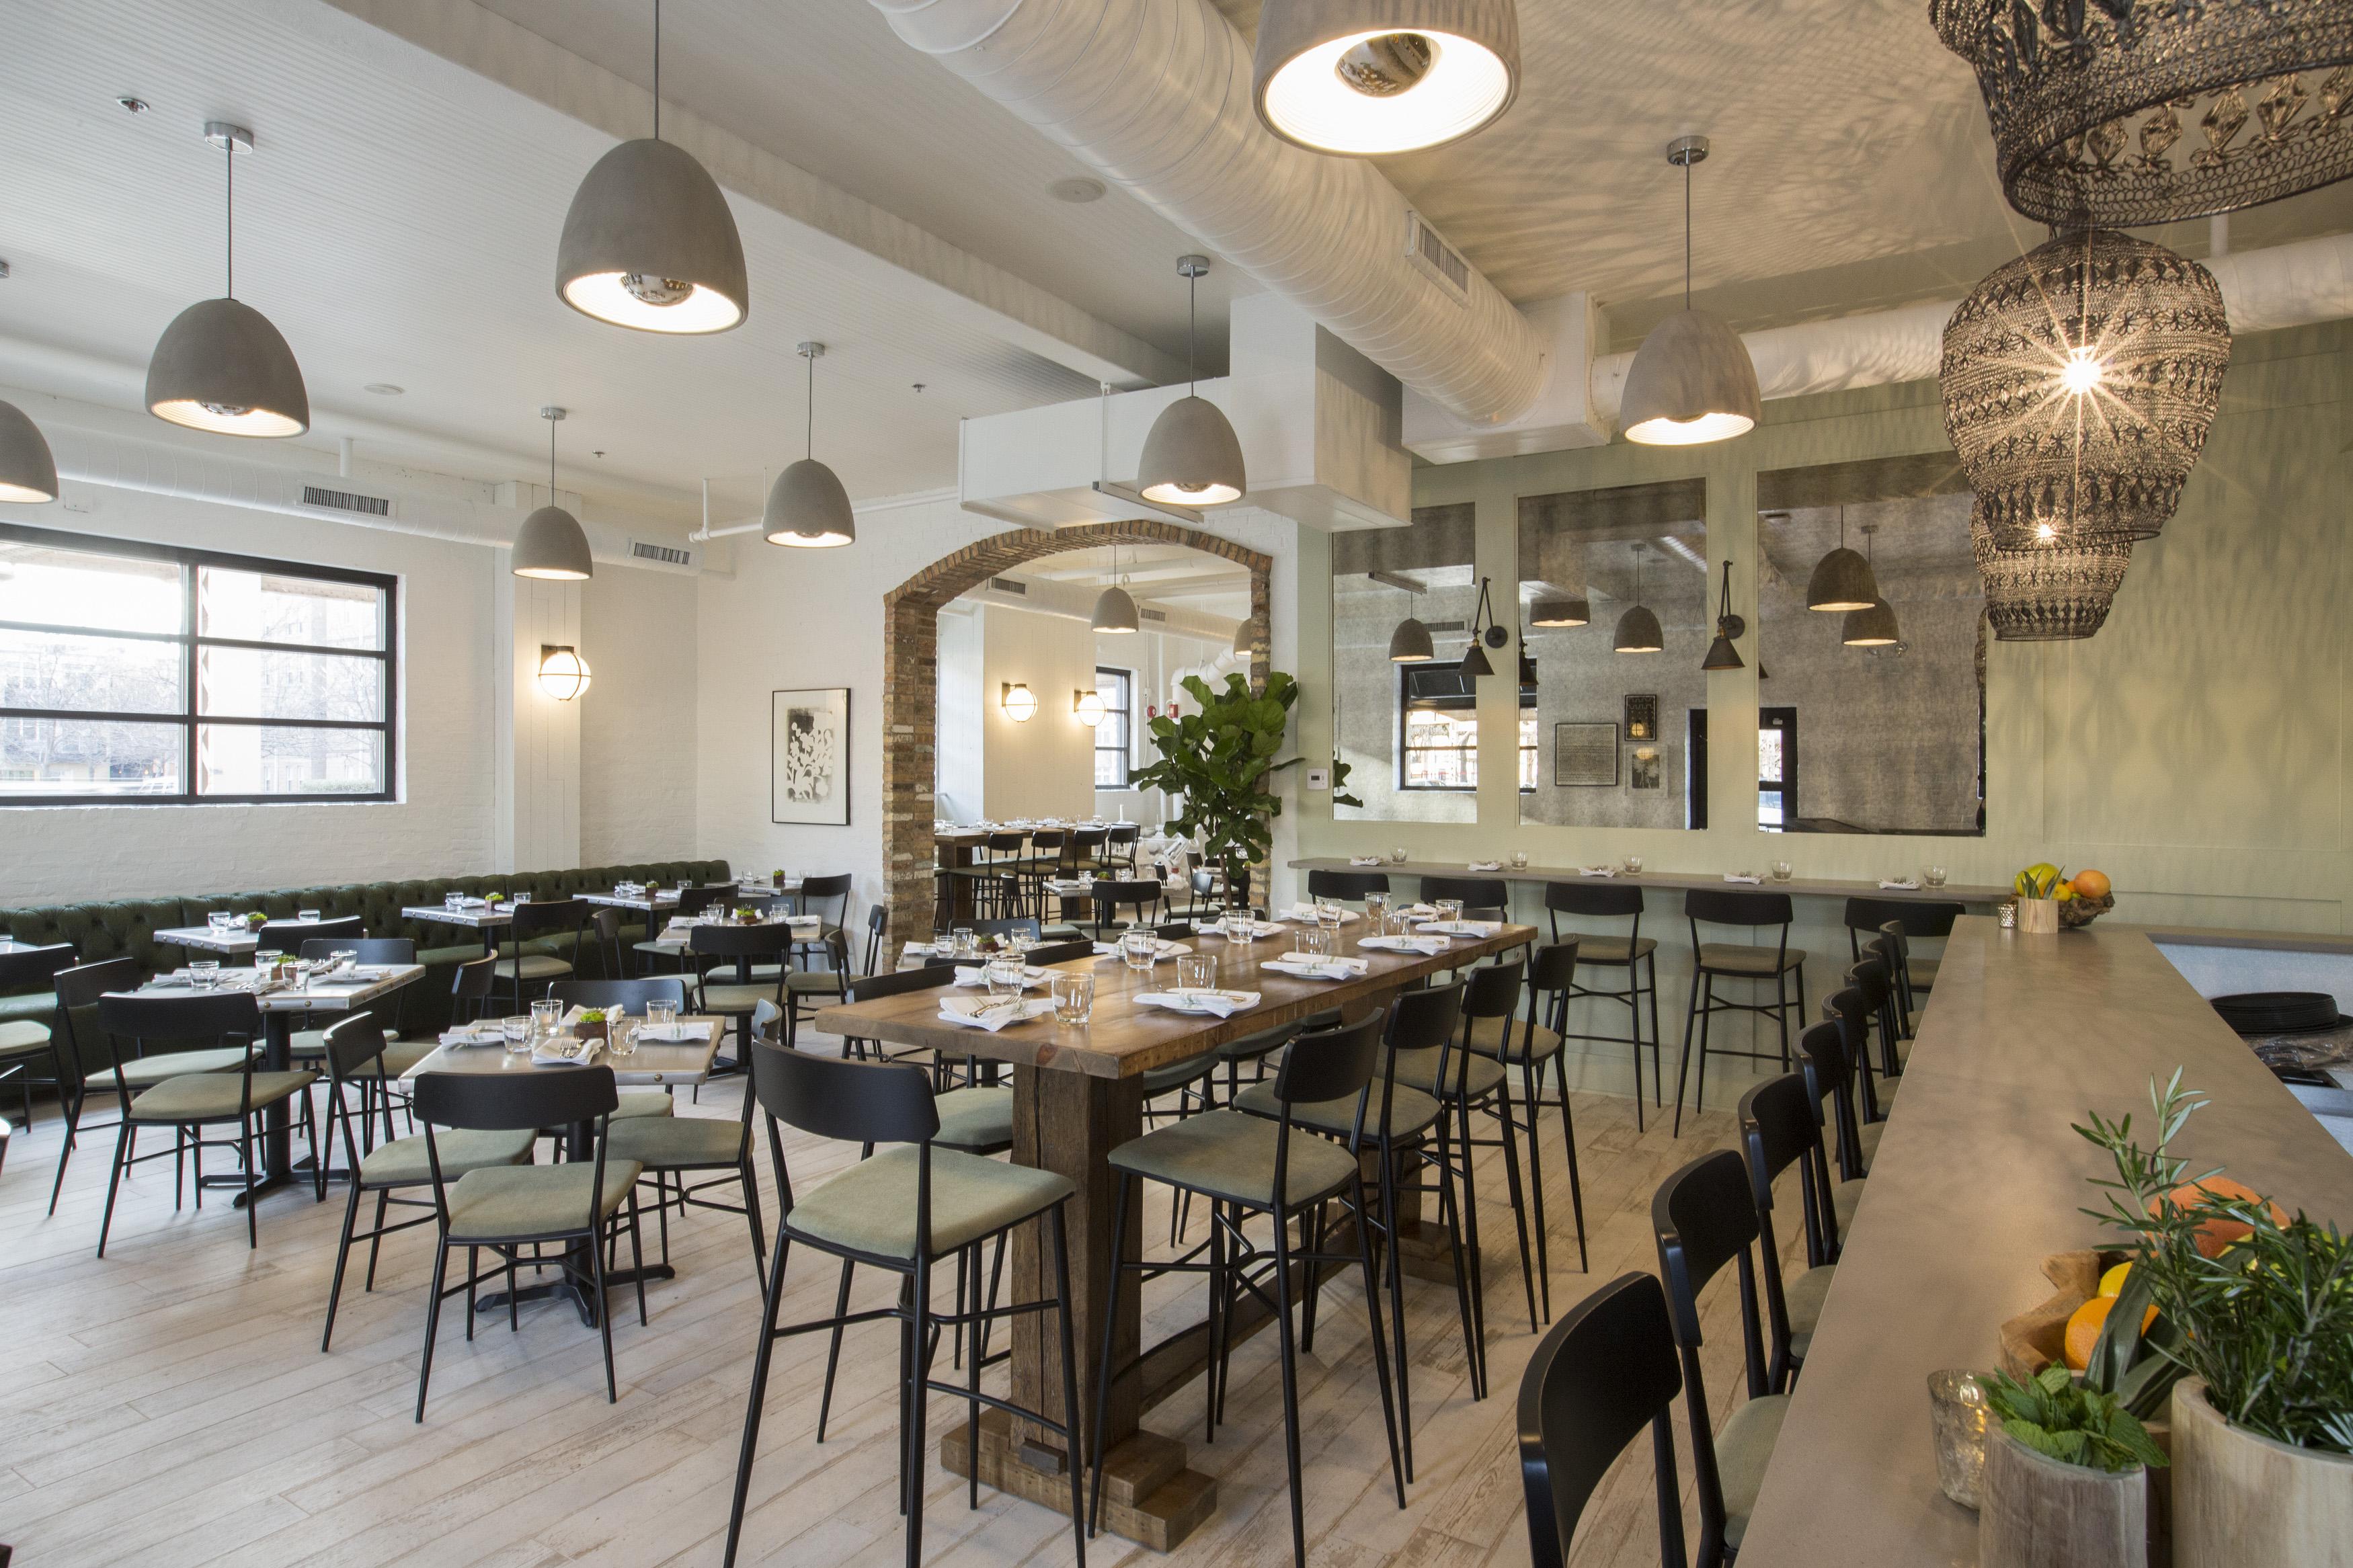 一间餐厅的用餐室,带灯光和许多桌子。